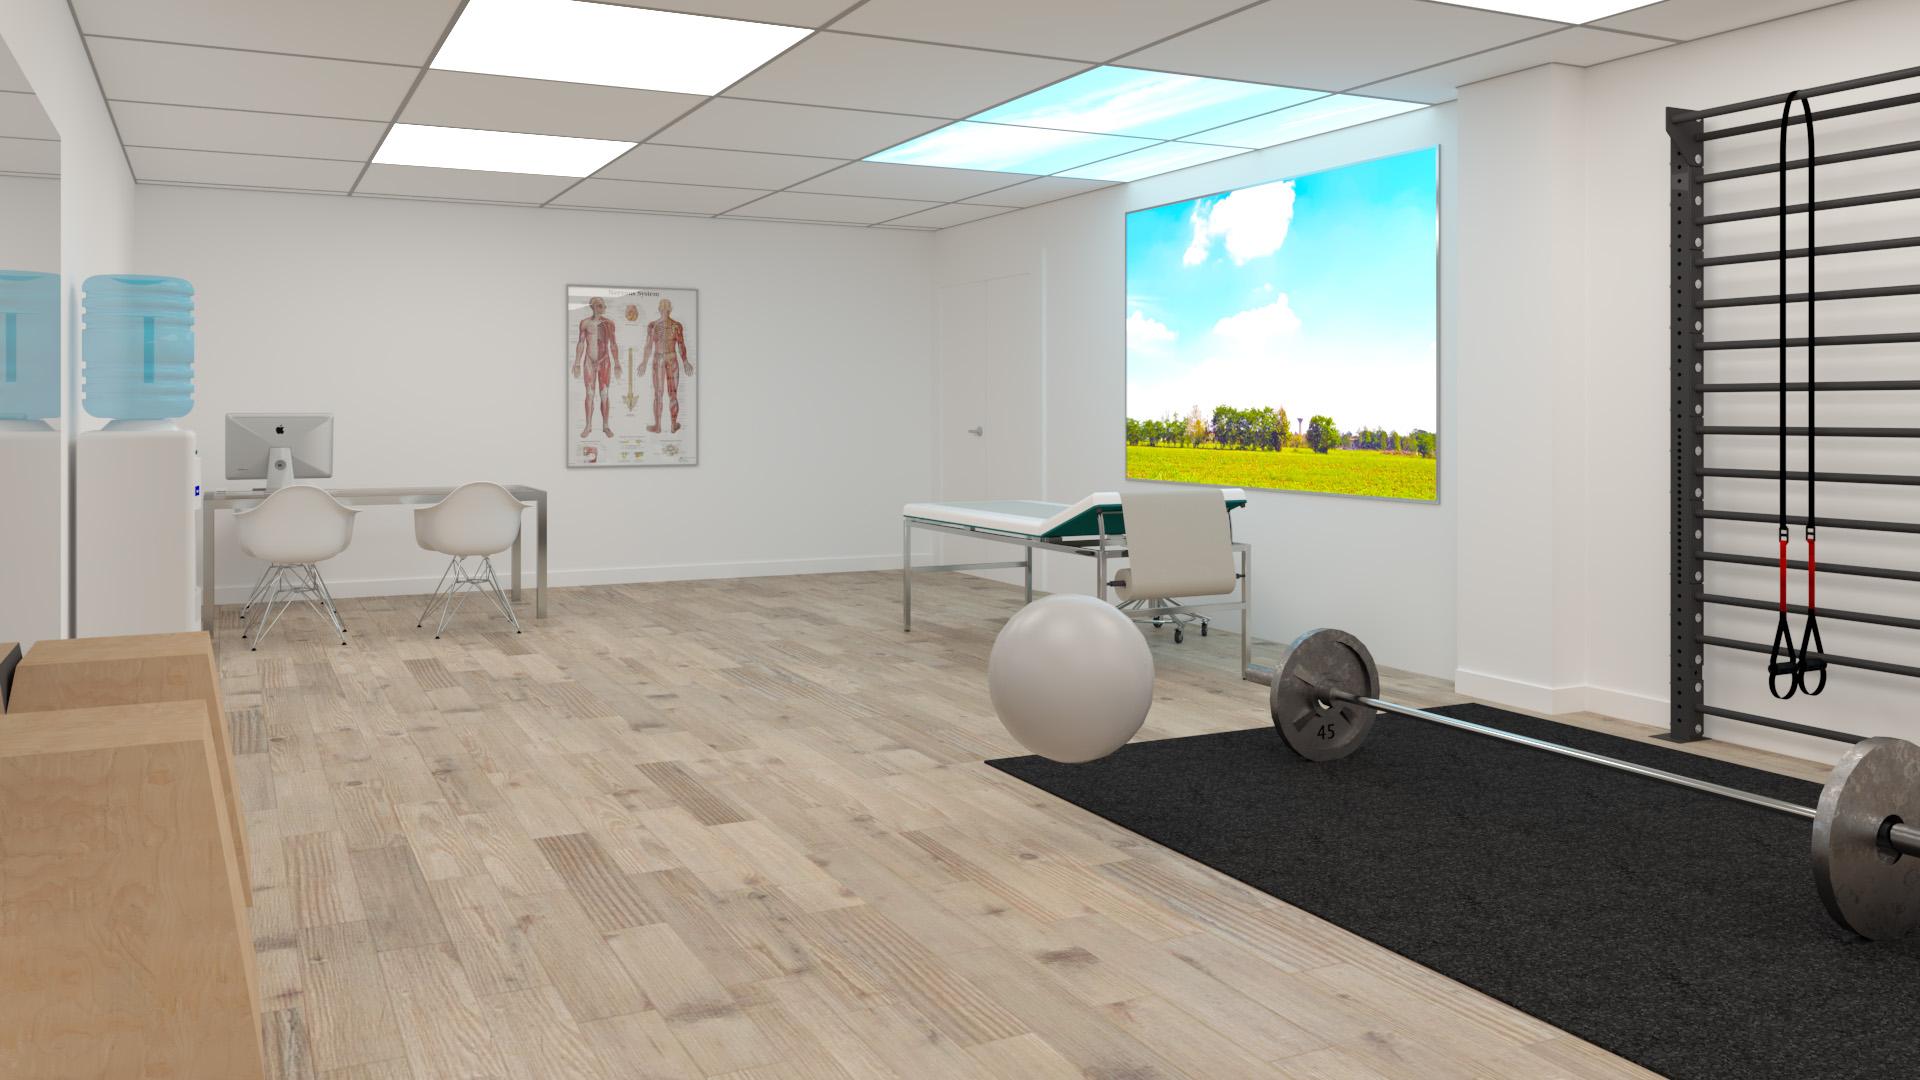 Transformatie souterrain kamer bankgebouw naar behandelruimte gezondheidscentrum Bussum.